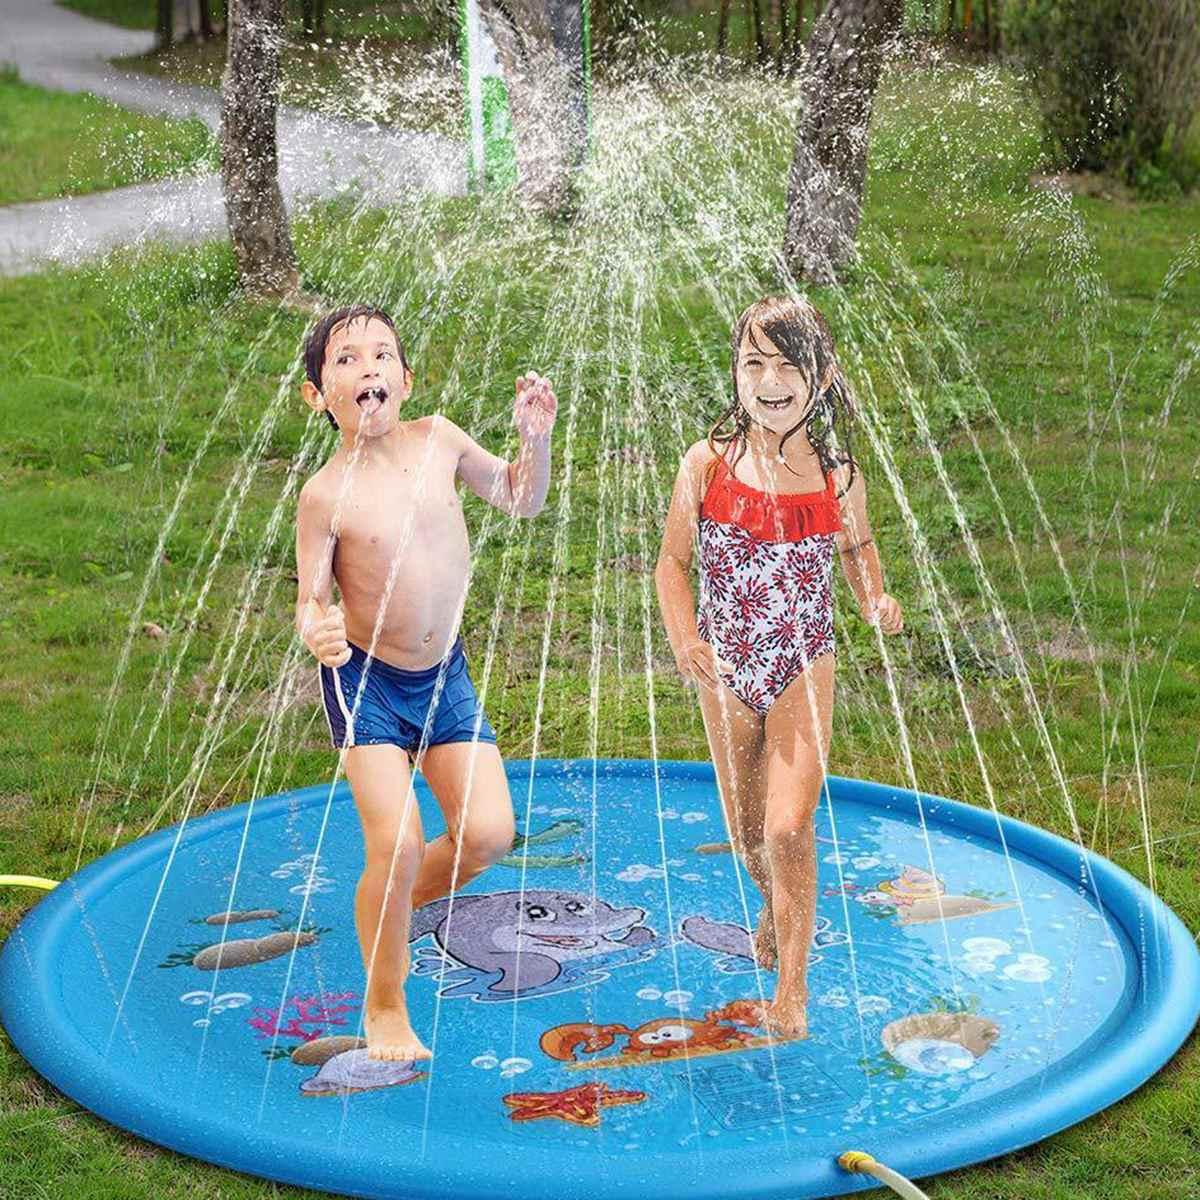 Tapis gonflable rond de 172cm pour enfants | Piscine de jeu amusant, arroseur, Mini Spray en PVC pour piscine d'été et jardin